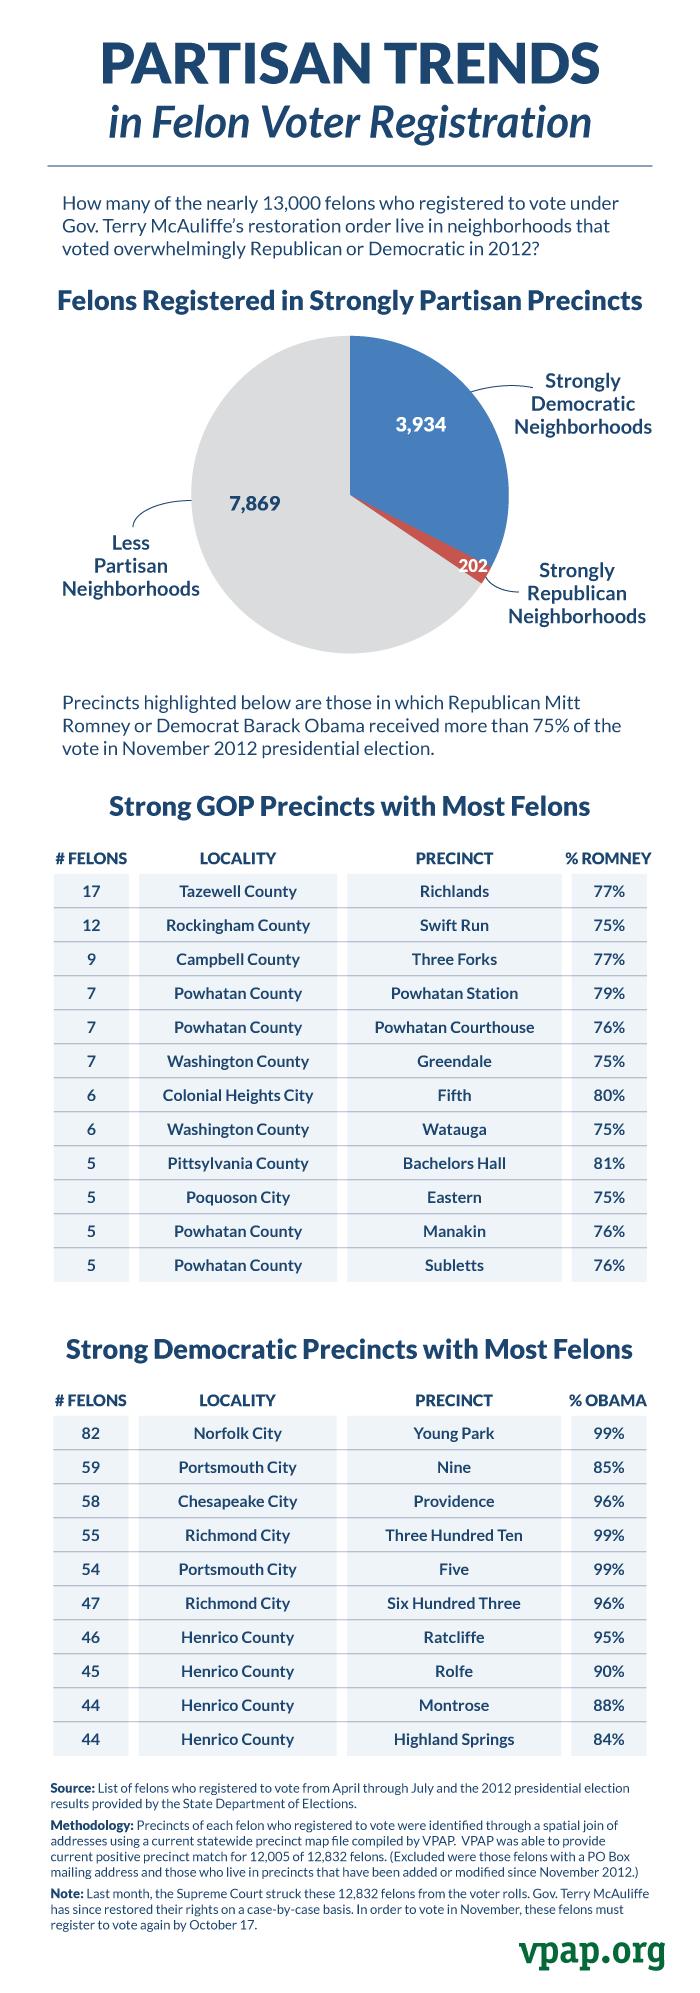 Partisan Trends in Felon Voter Registration